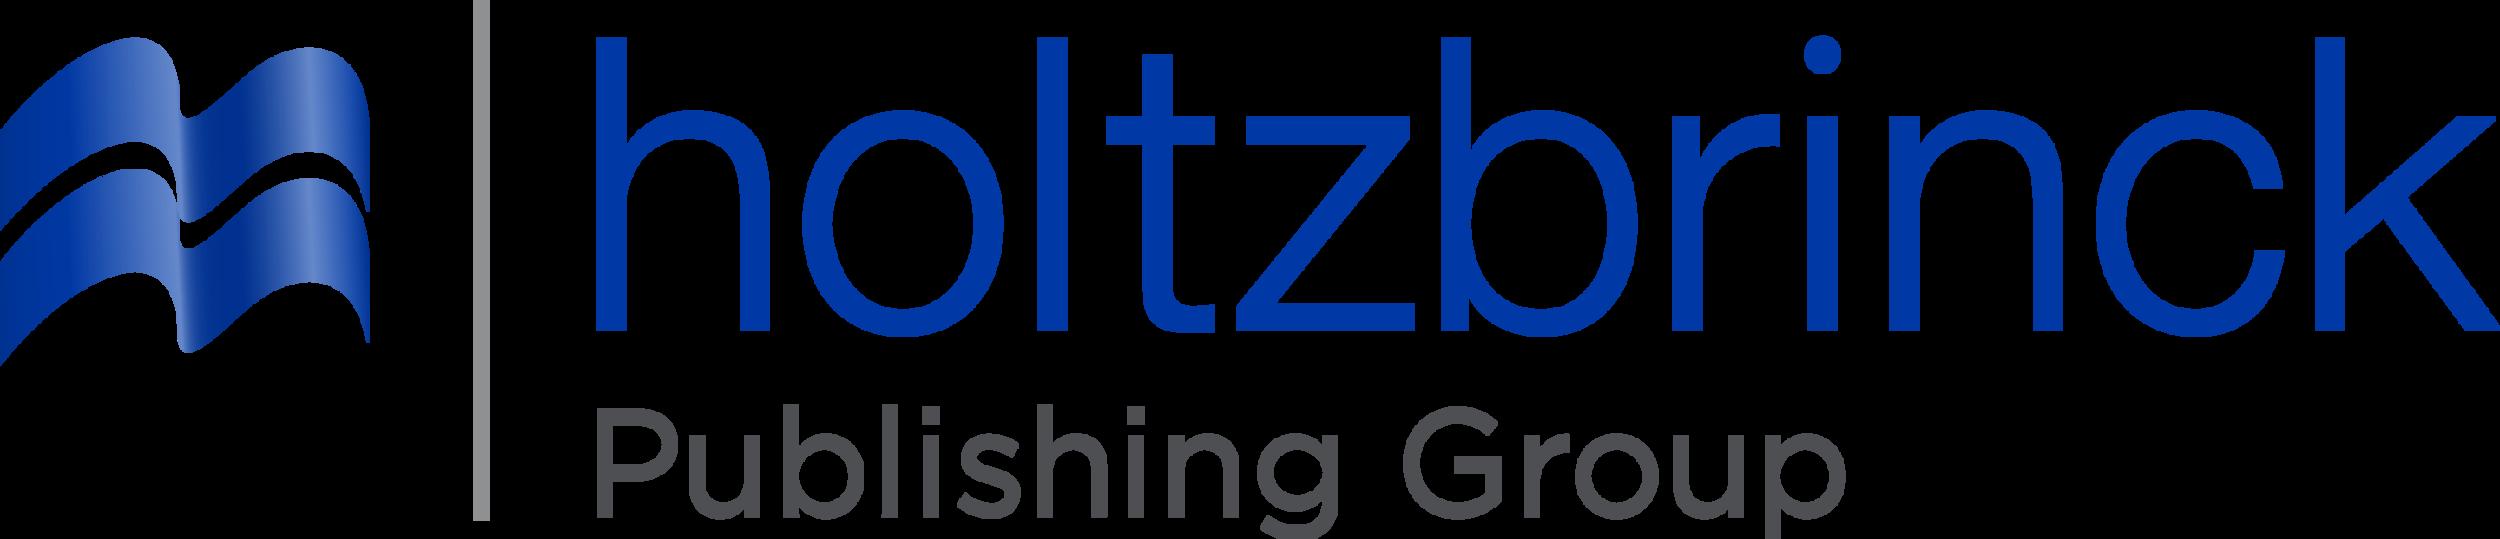 Logo_Holtzbrinck_Publ_Group.png